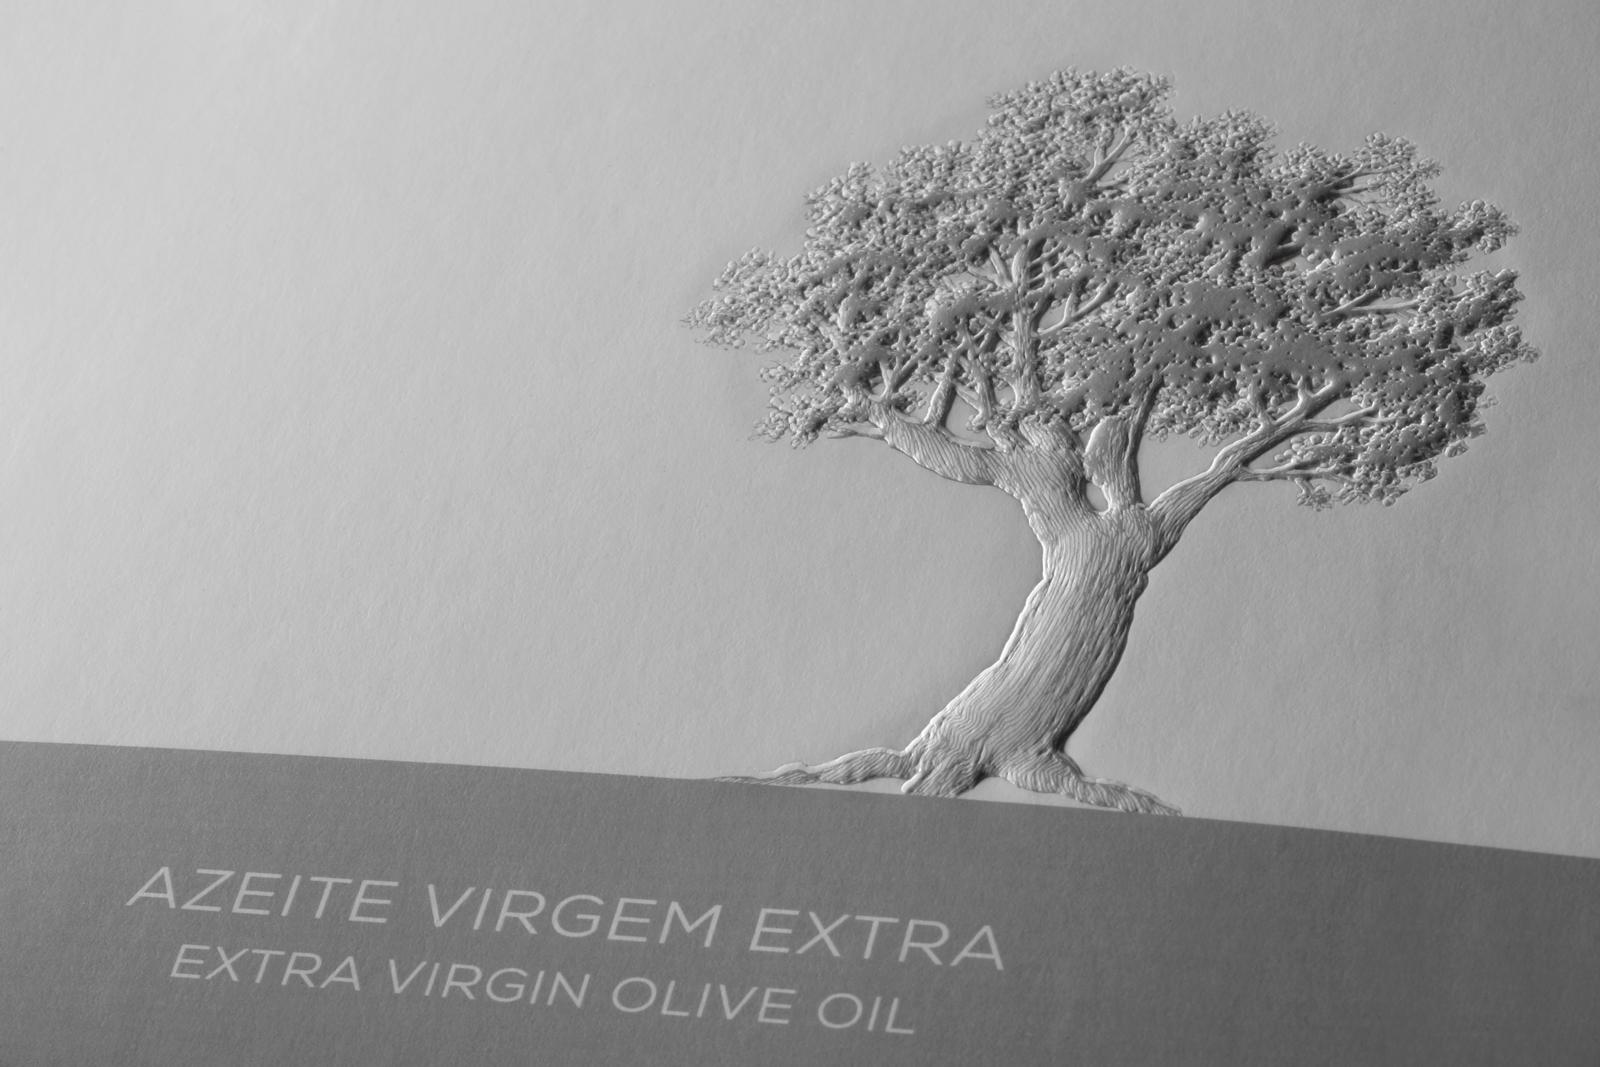 限量版高端橄榄油包装设计